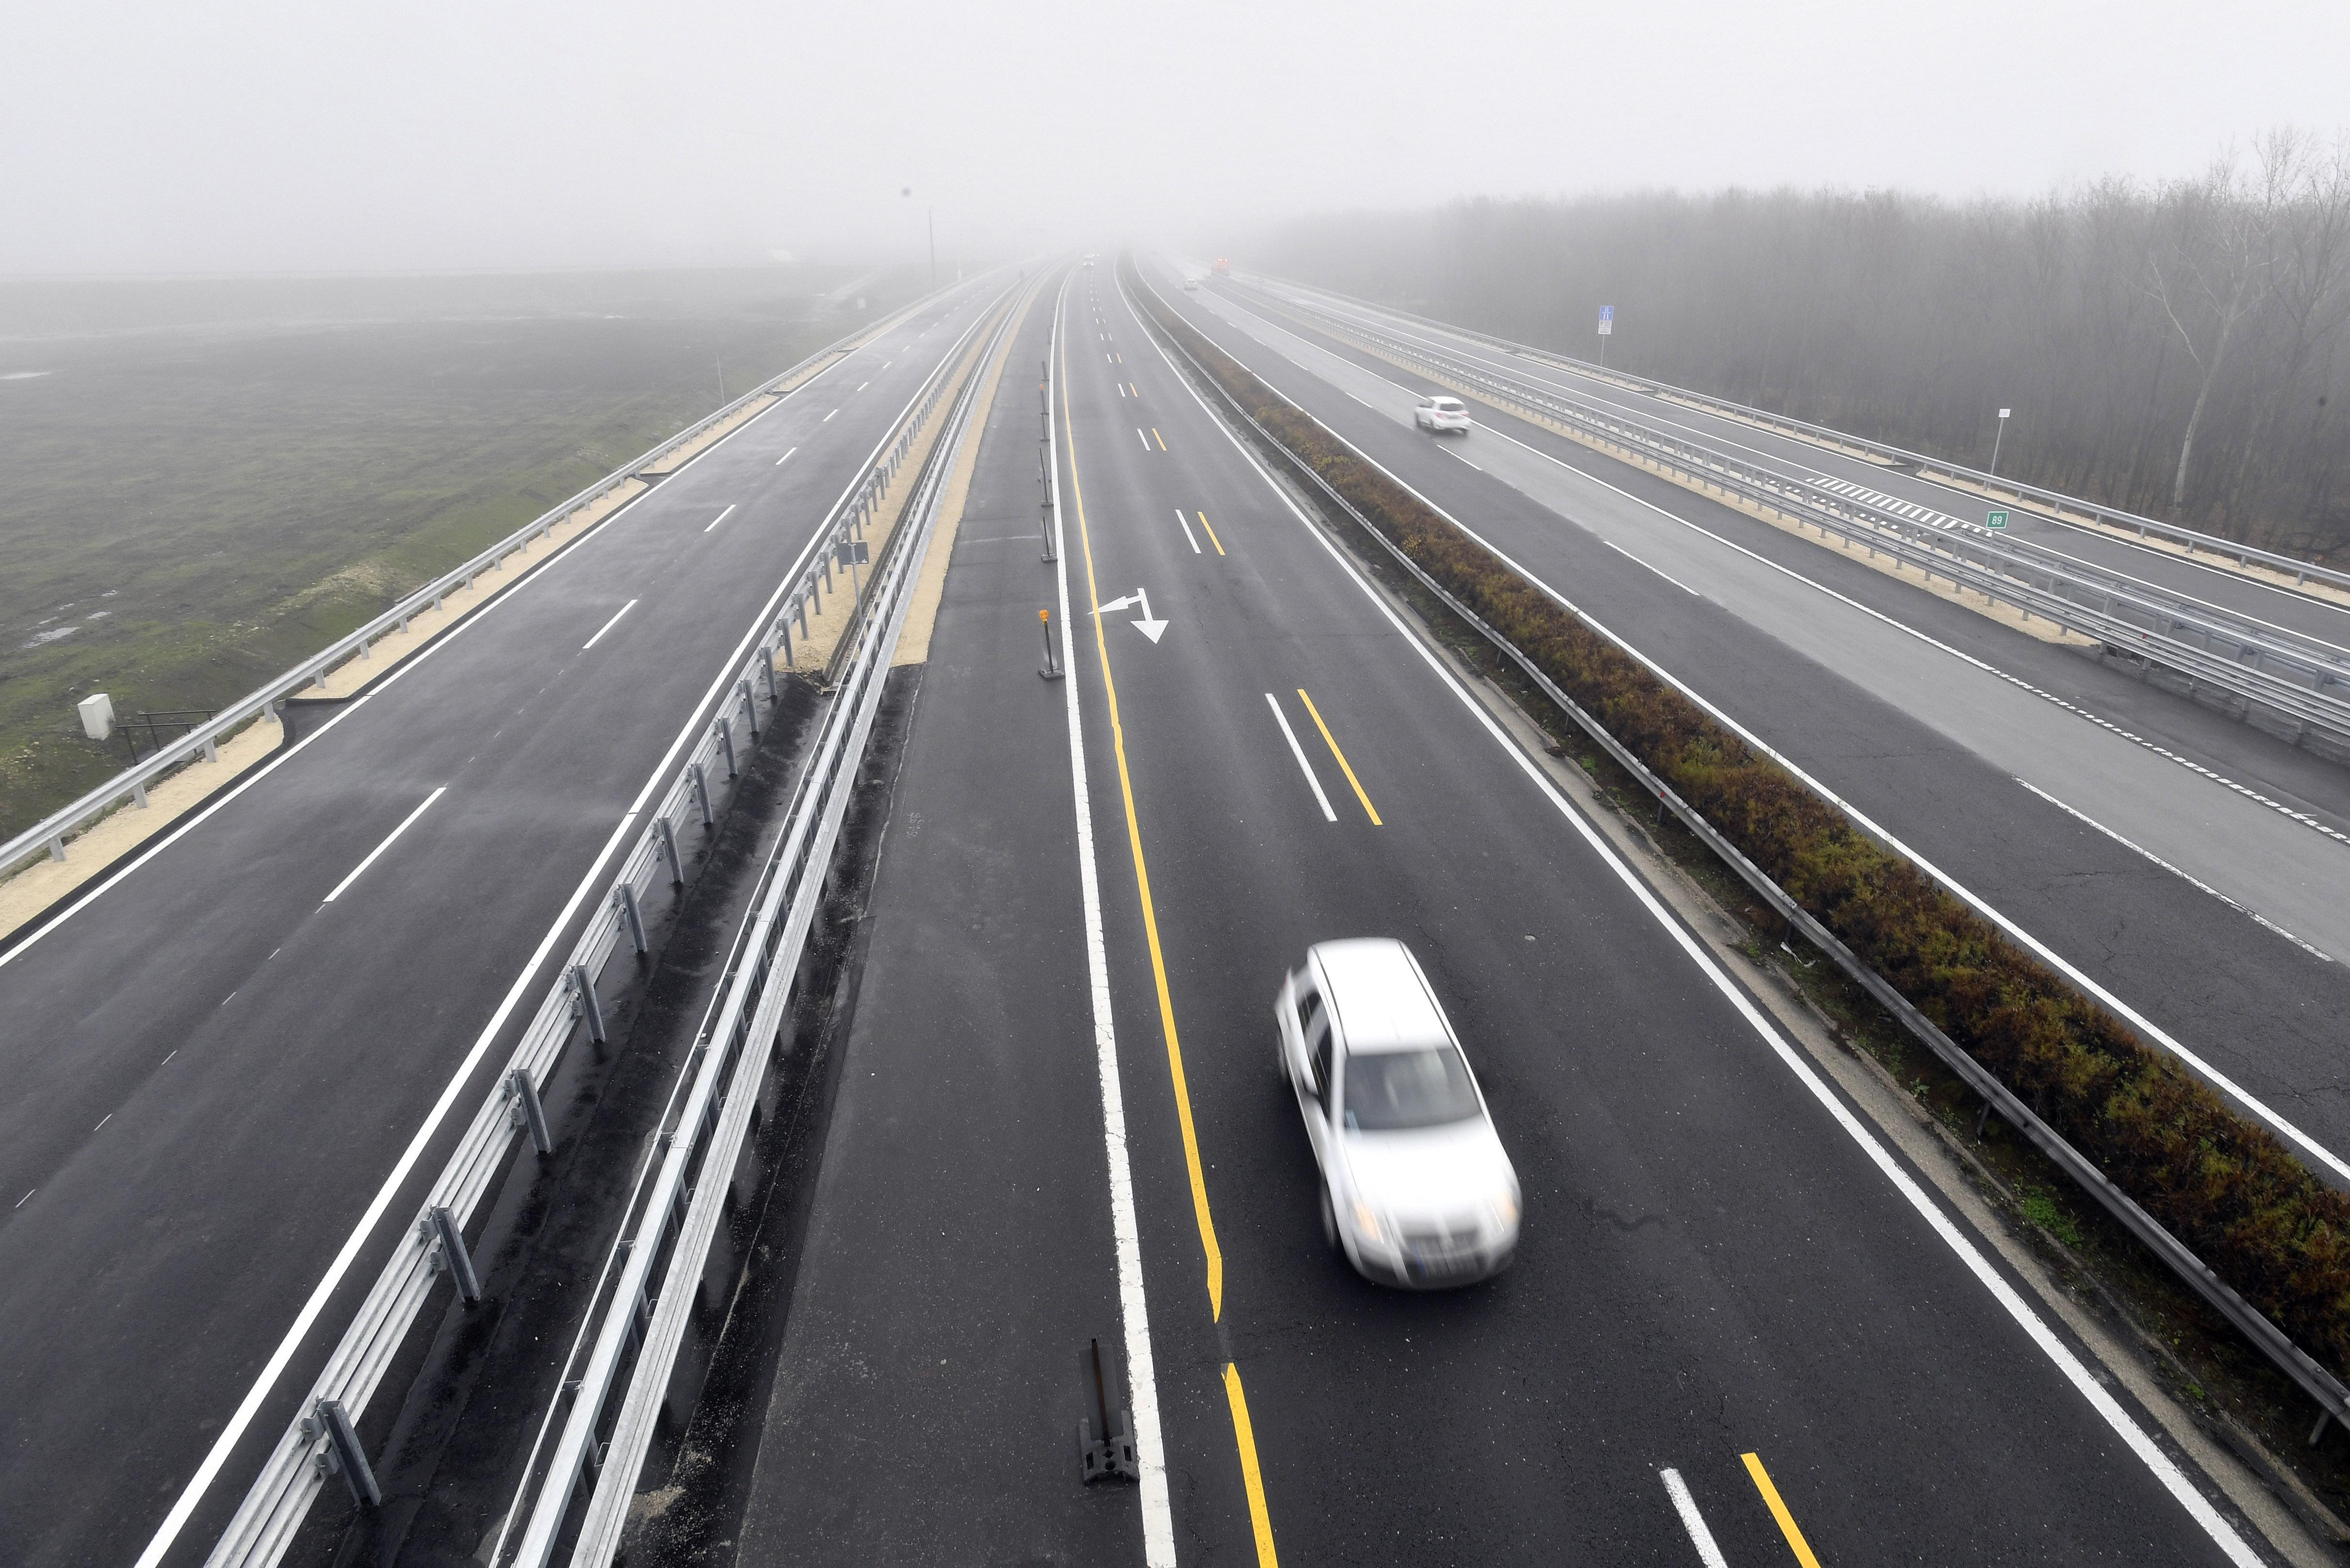 Országszerte utak rongálódtak meg a hirtelen jött nagy hidegben